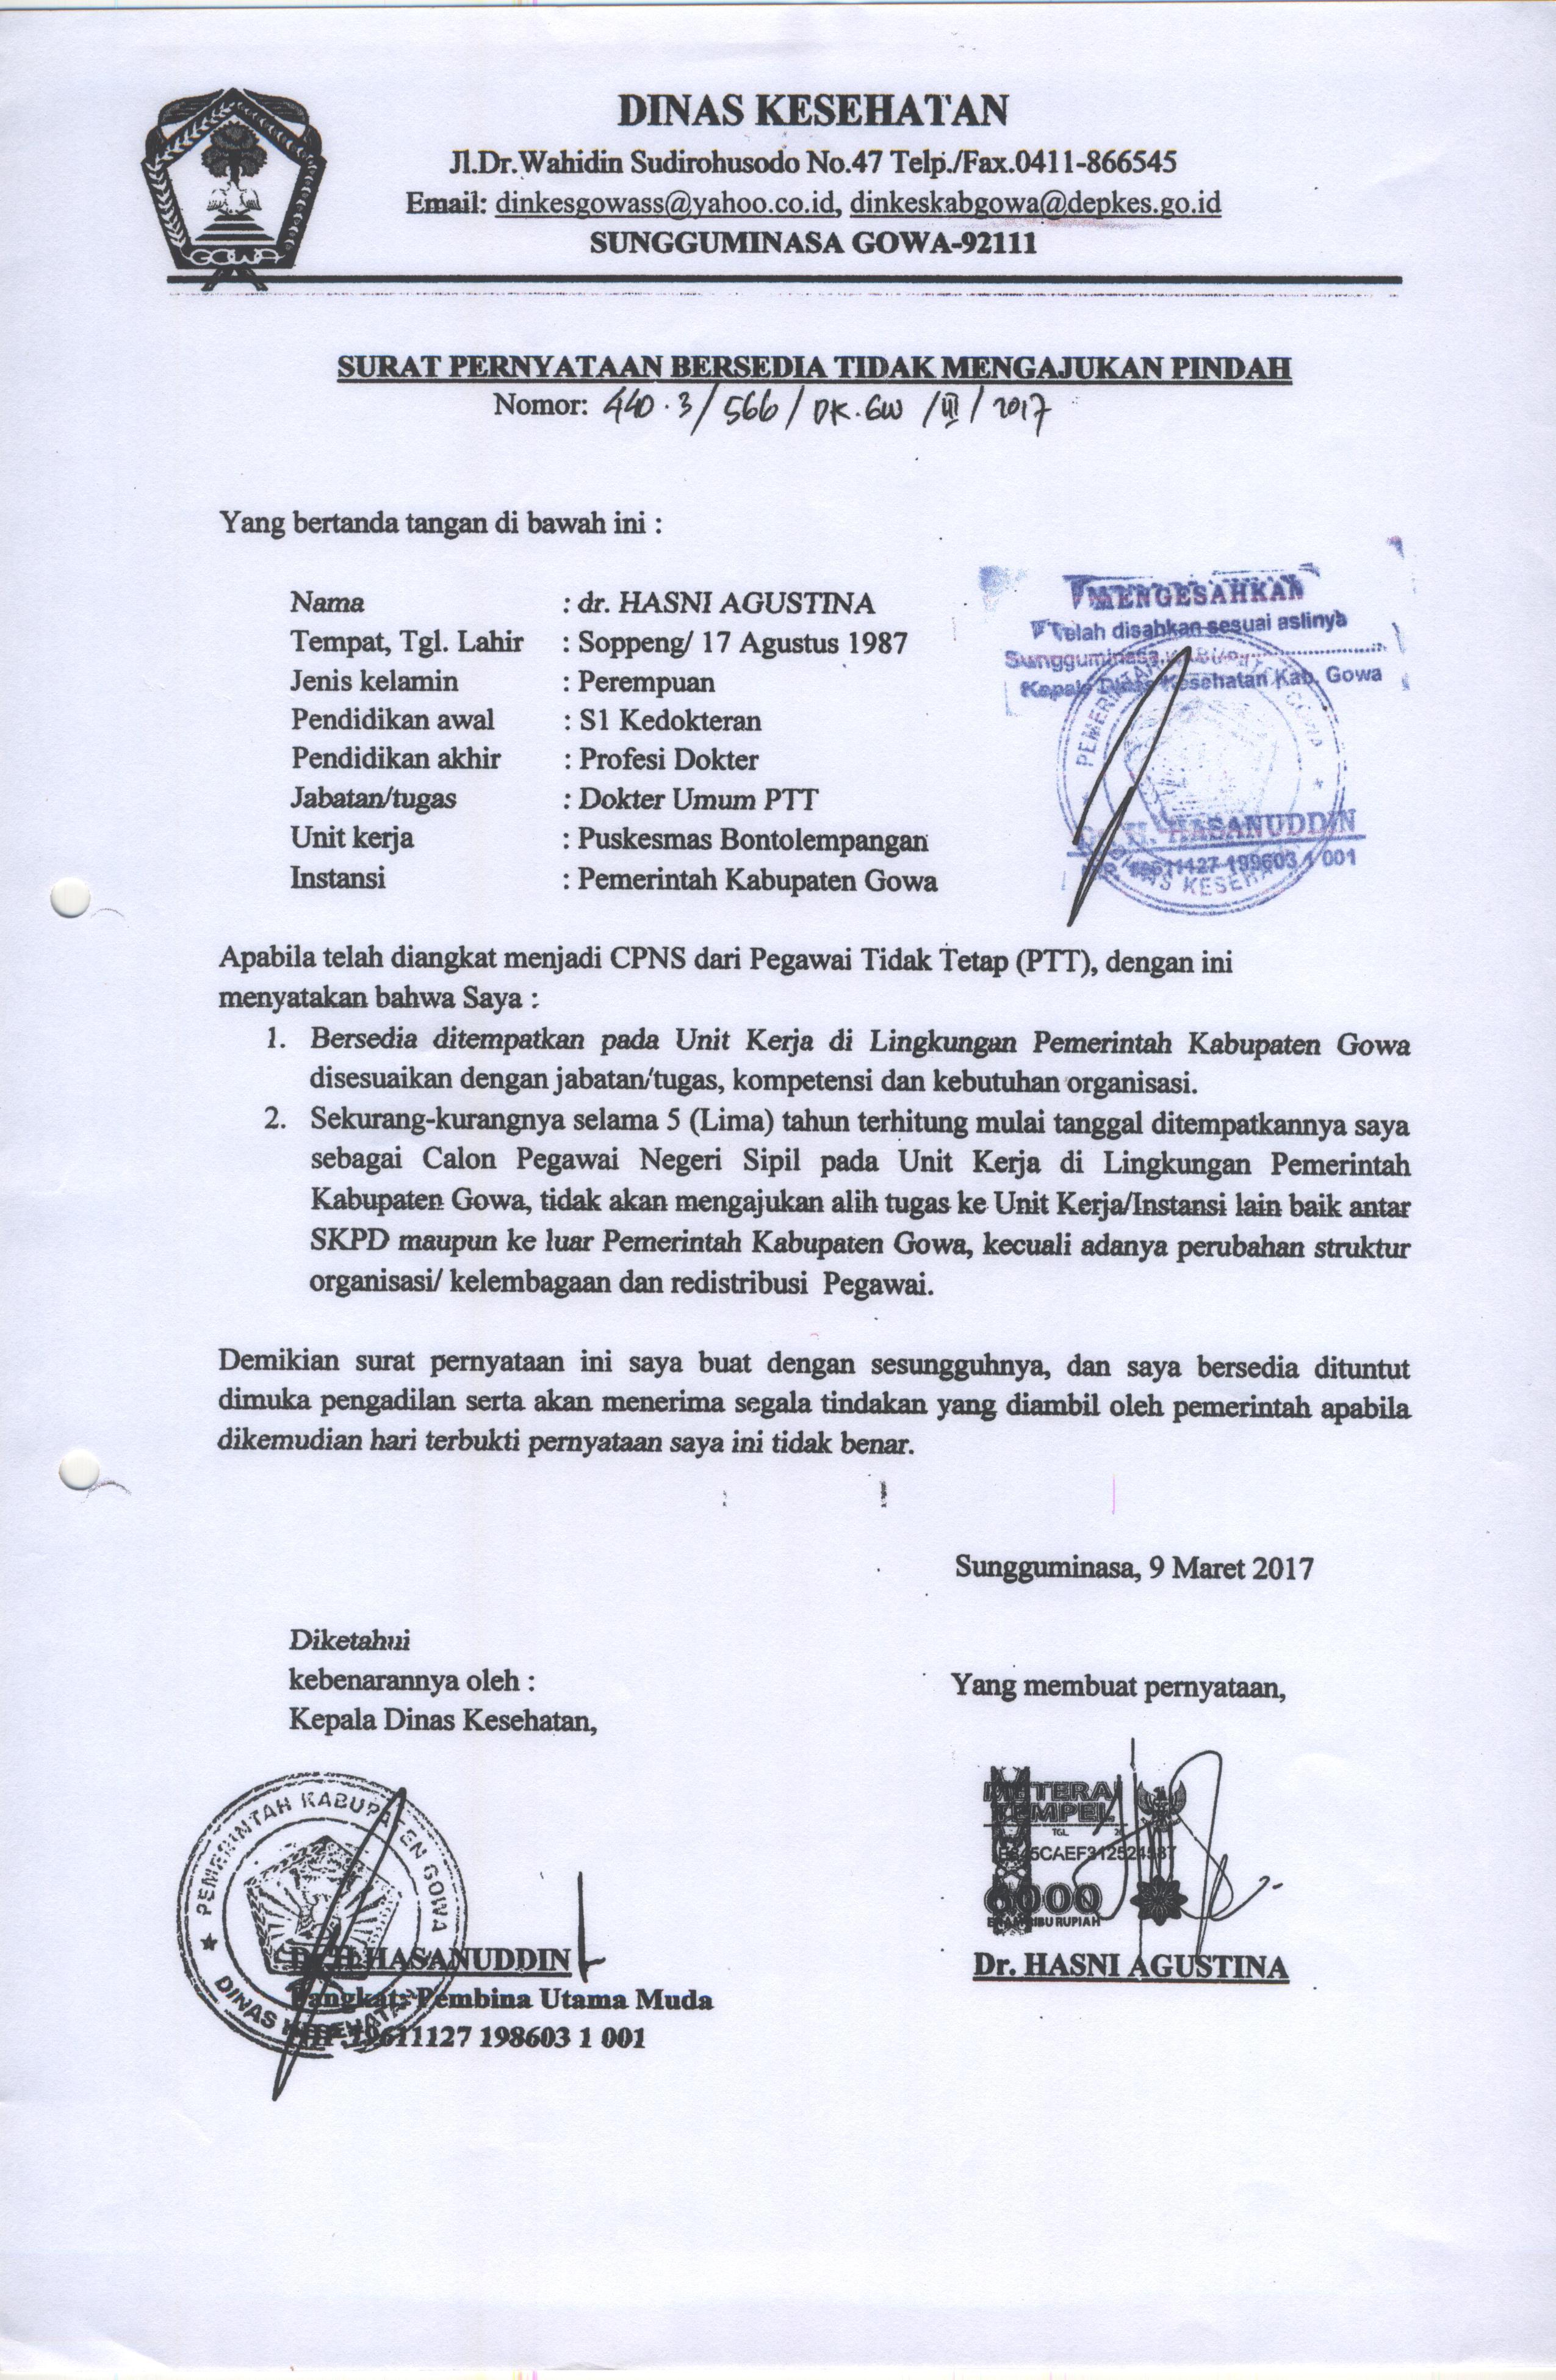 Contoh Surat Pernyataan Bersedia Tidak Mengajukan Pindah Bkpsdm Gowa